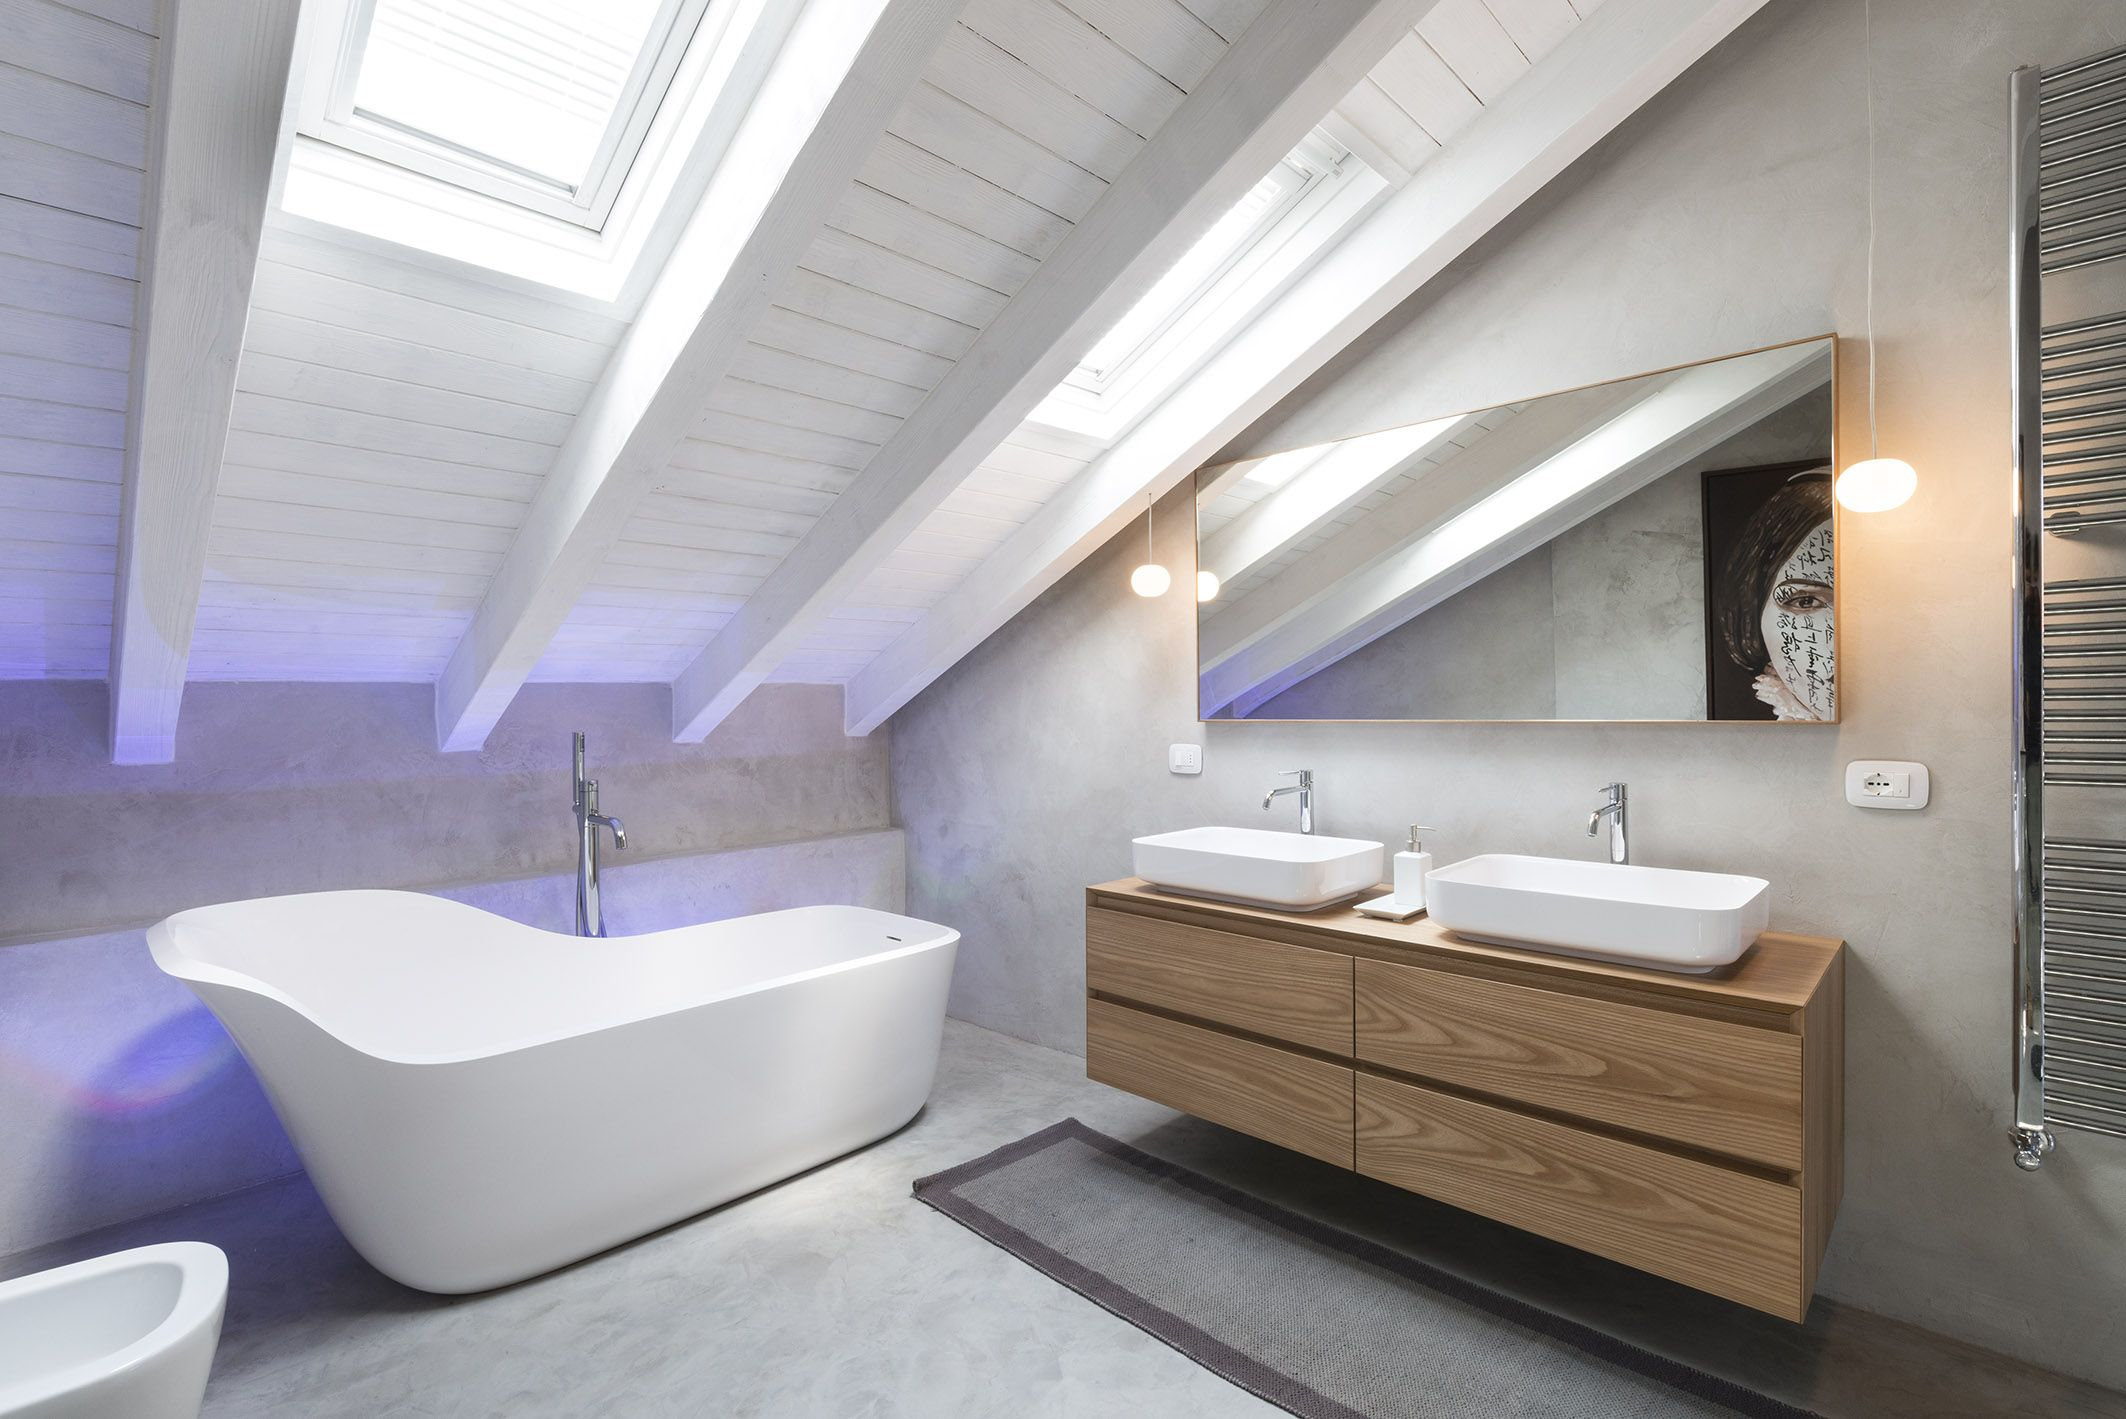 In bagno, dietro la vasca freestanding per creare un effetto ...